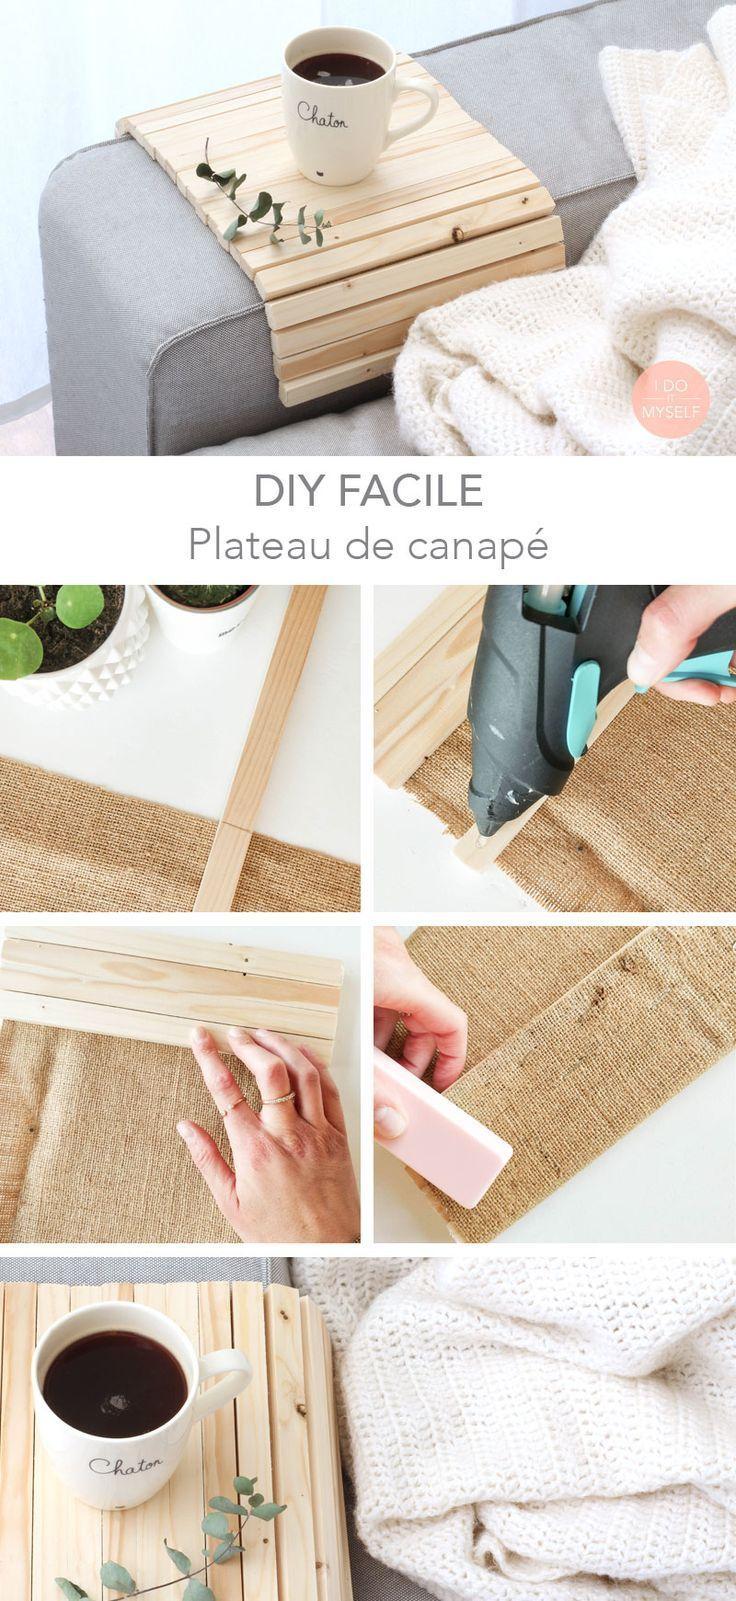 WOOD DIY : Create a nice couch arm wrap! DIY BOIS : Créez un joli support pou